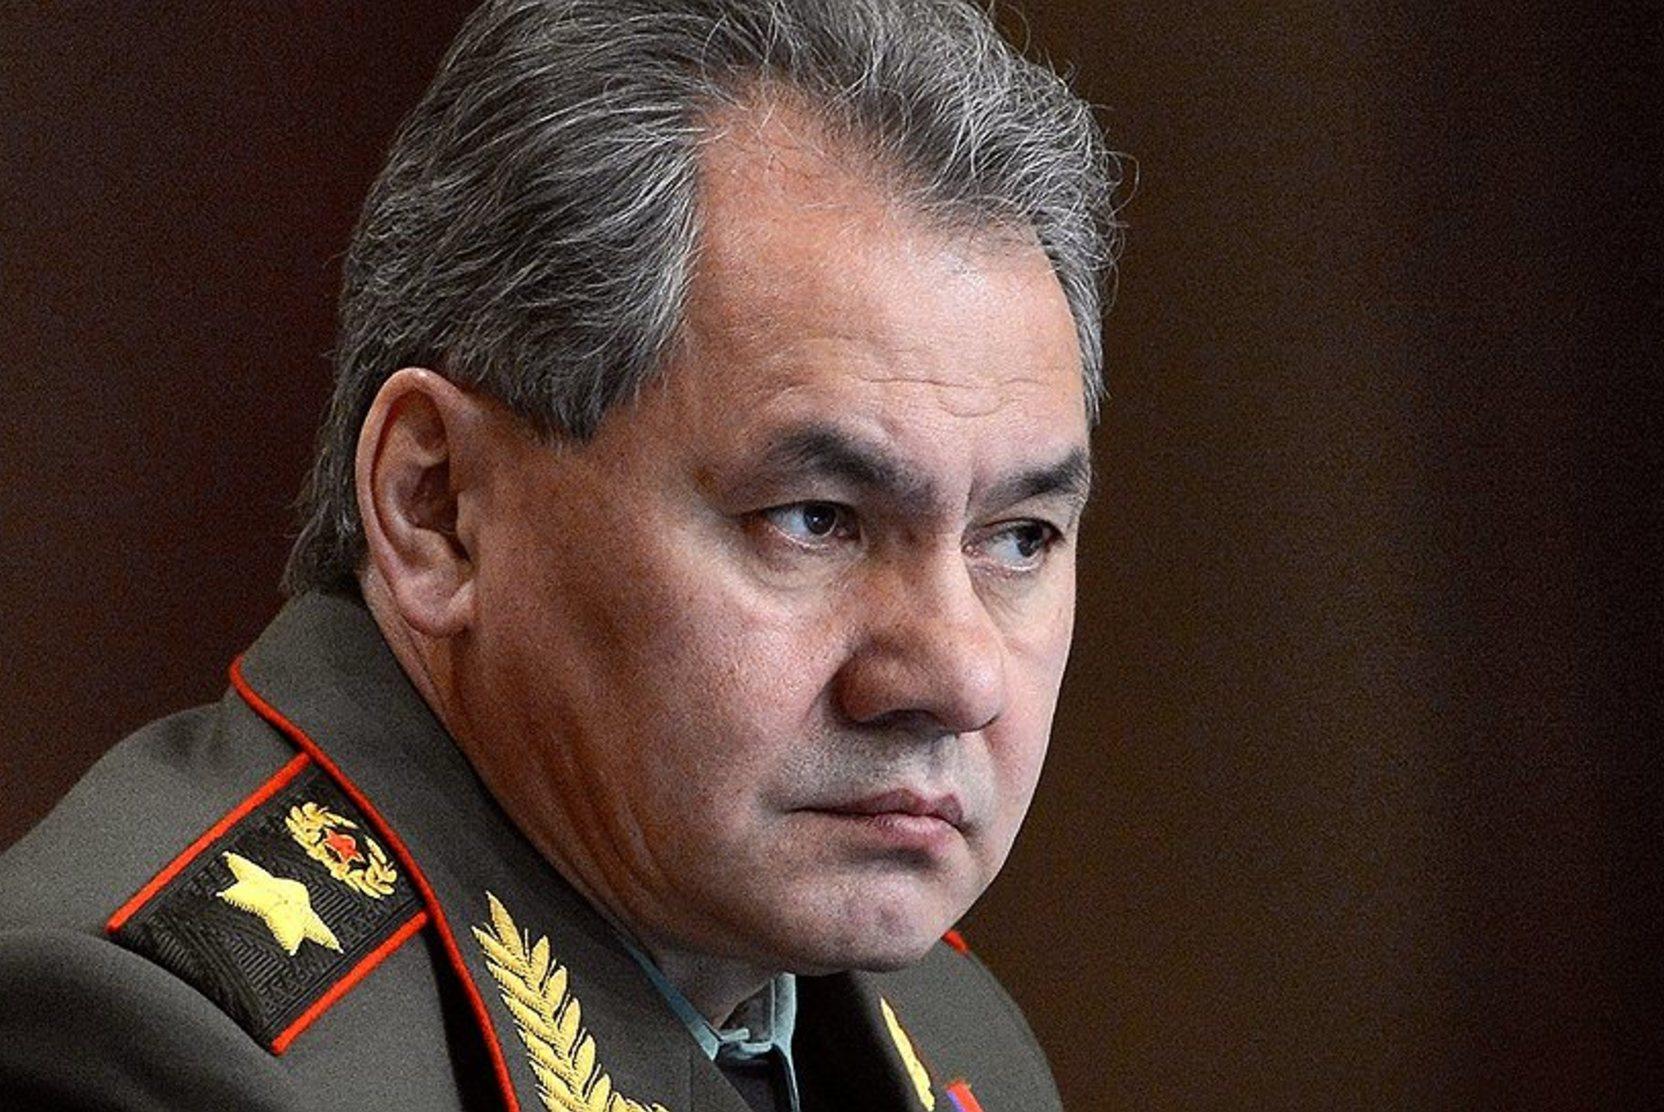 Шойгу: США и НАТО продолжают провокации в Черном море